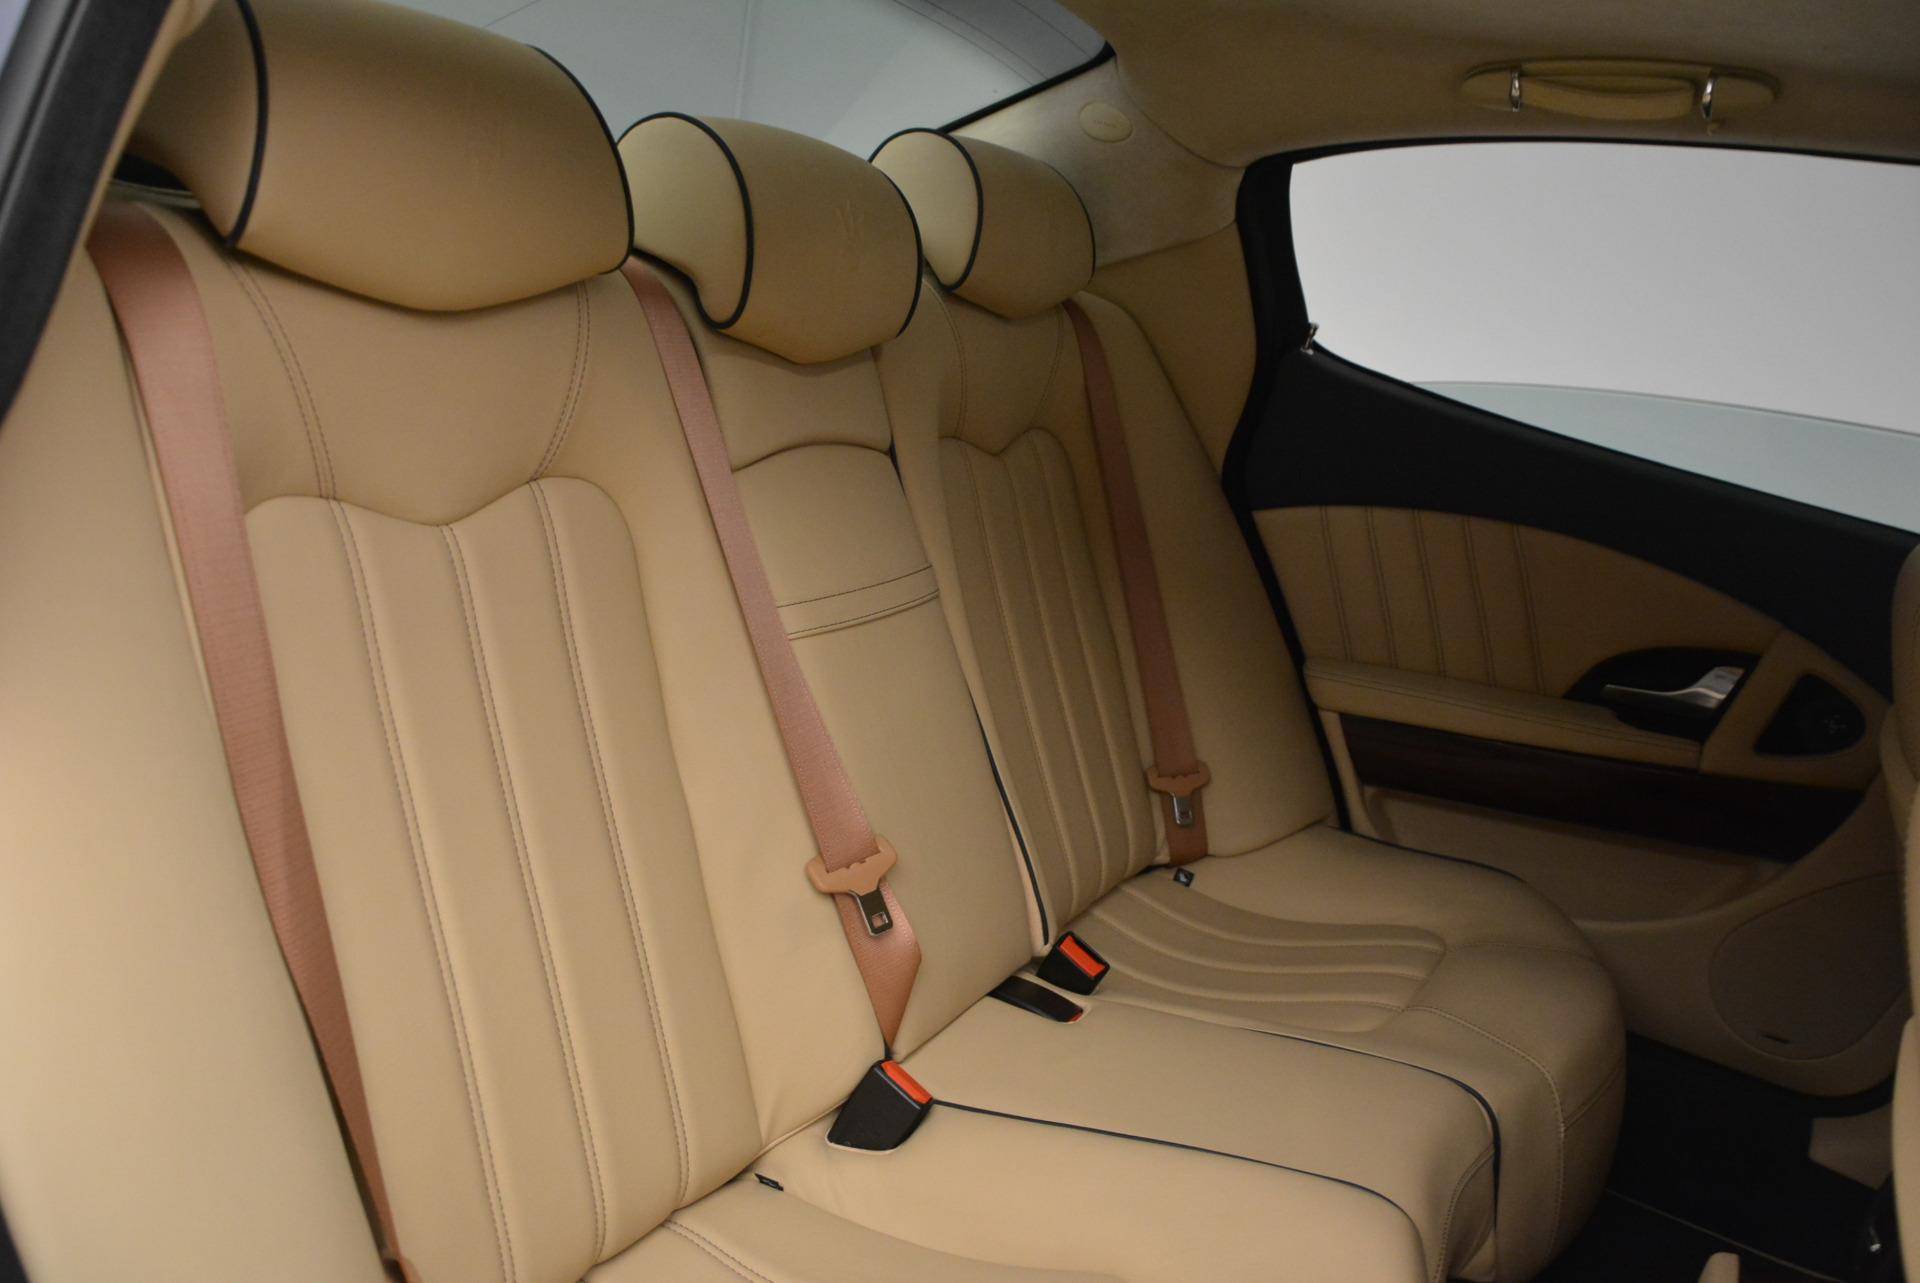 Used 2010 Maserati Quattroporte S For Sale In Greenwich, CT. Alfa Romeo of Greenwich, 1267 795_p20